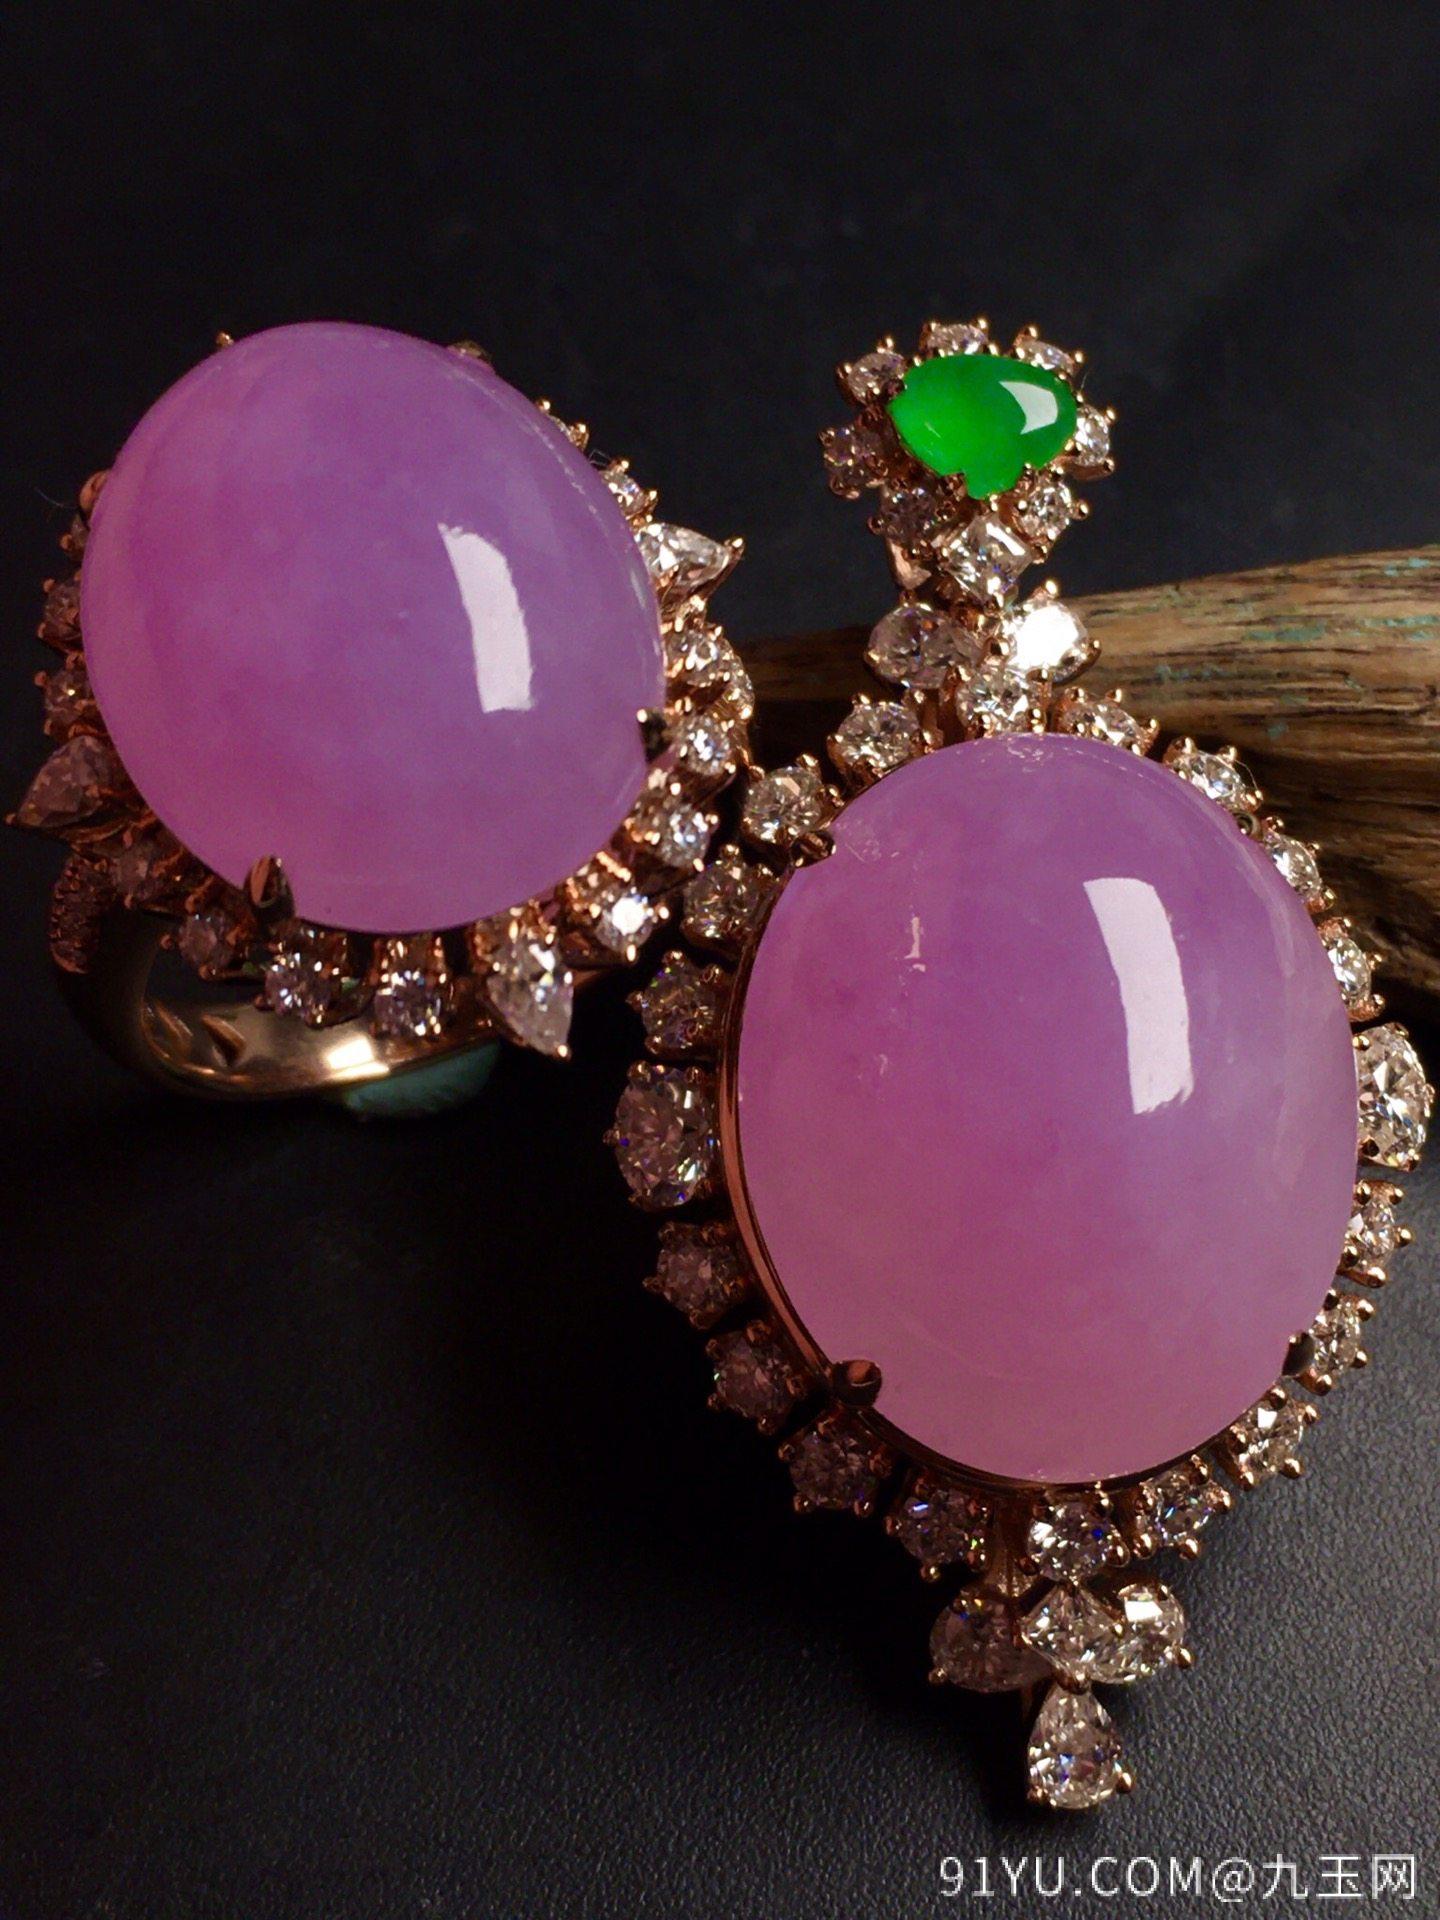 超值,美极了❤【套装,紫罗兰】通透,水润,完美,18k金华奢钻镶石嵌☕第5张